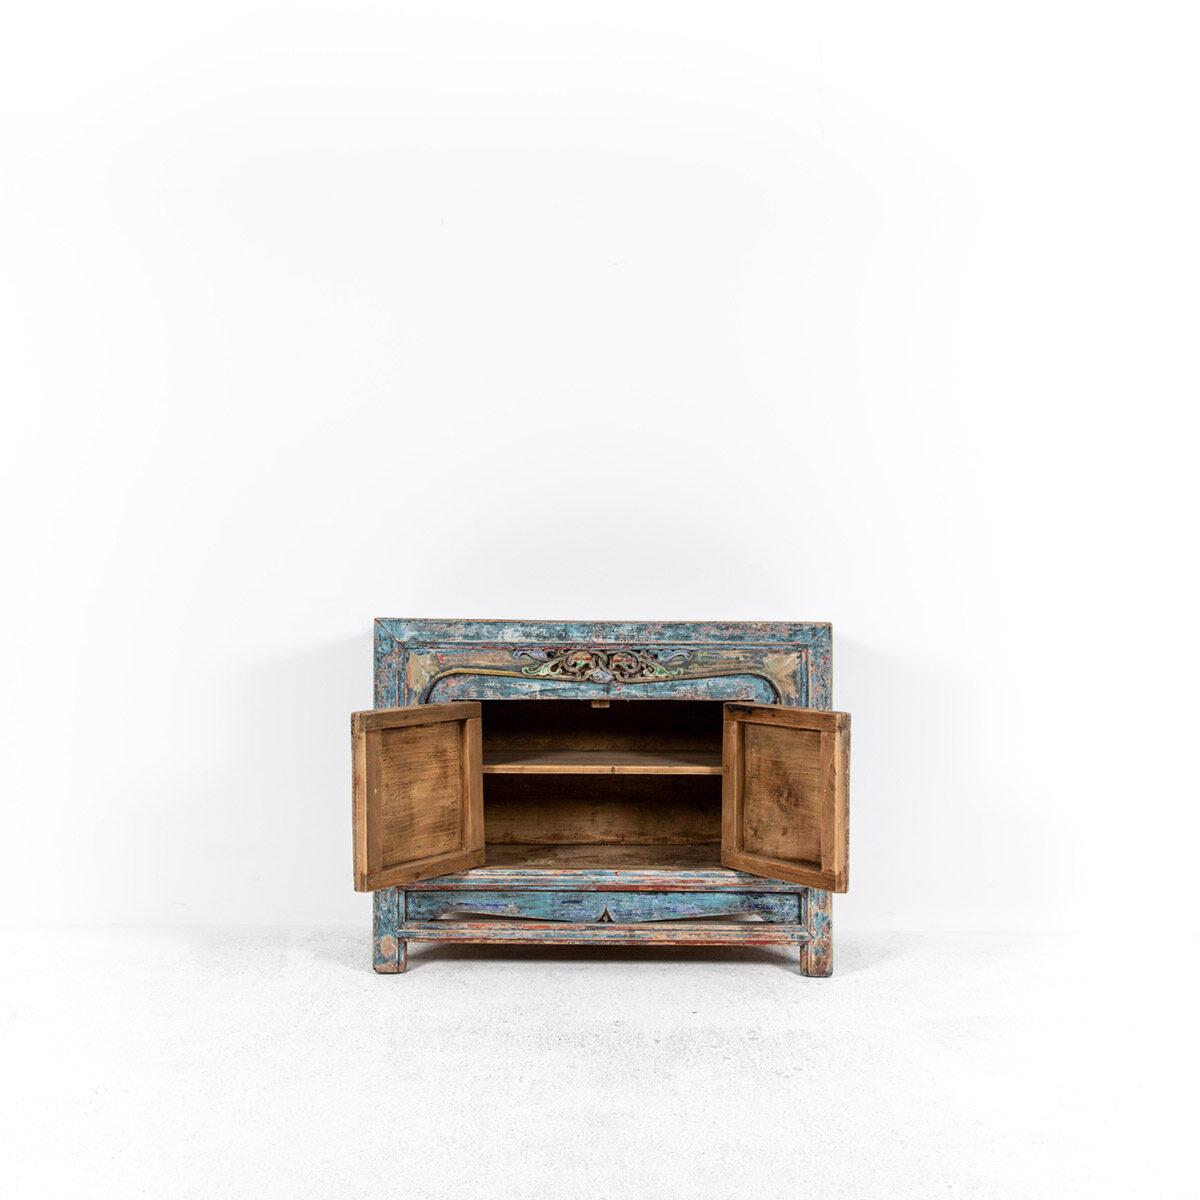 Dressoir-met-handgesneden-details-blauwroze-6